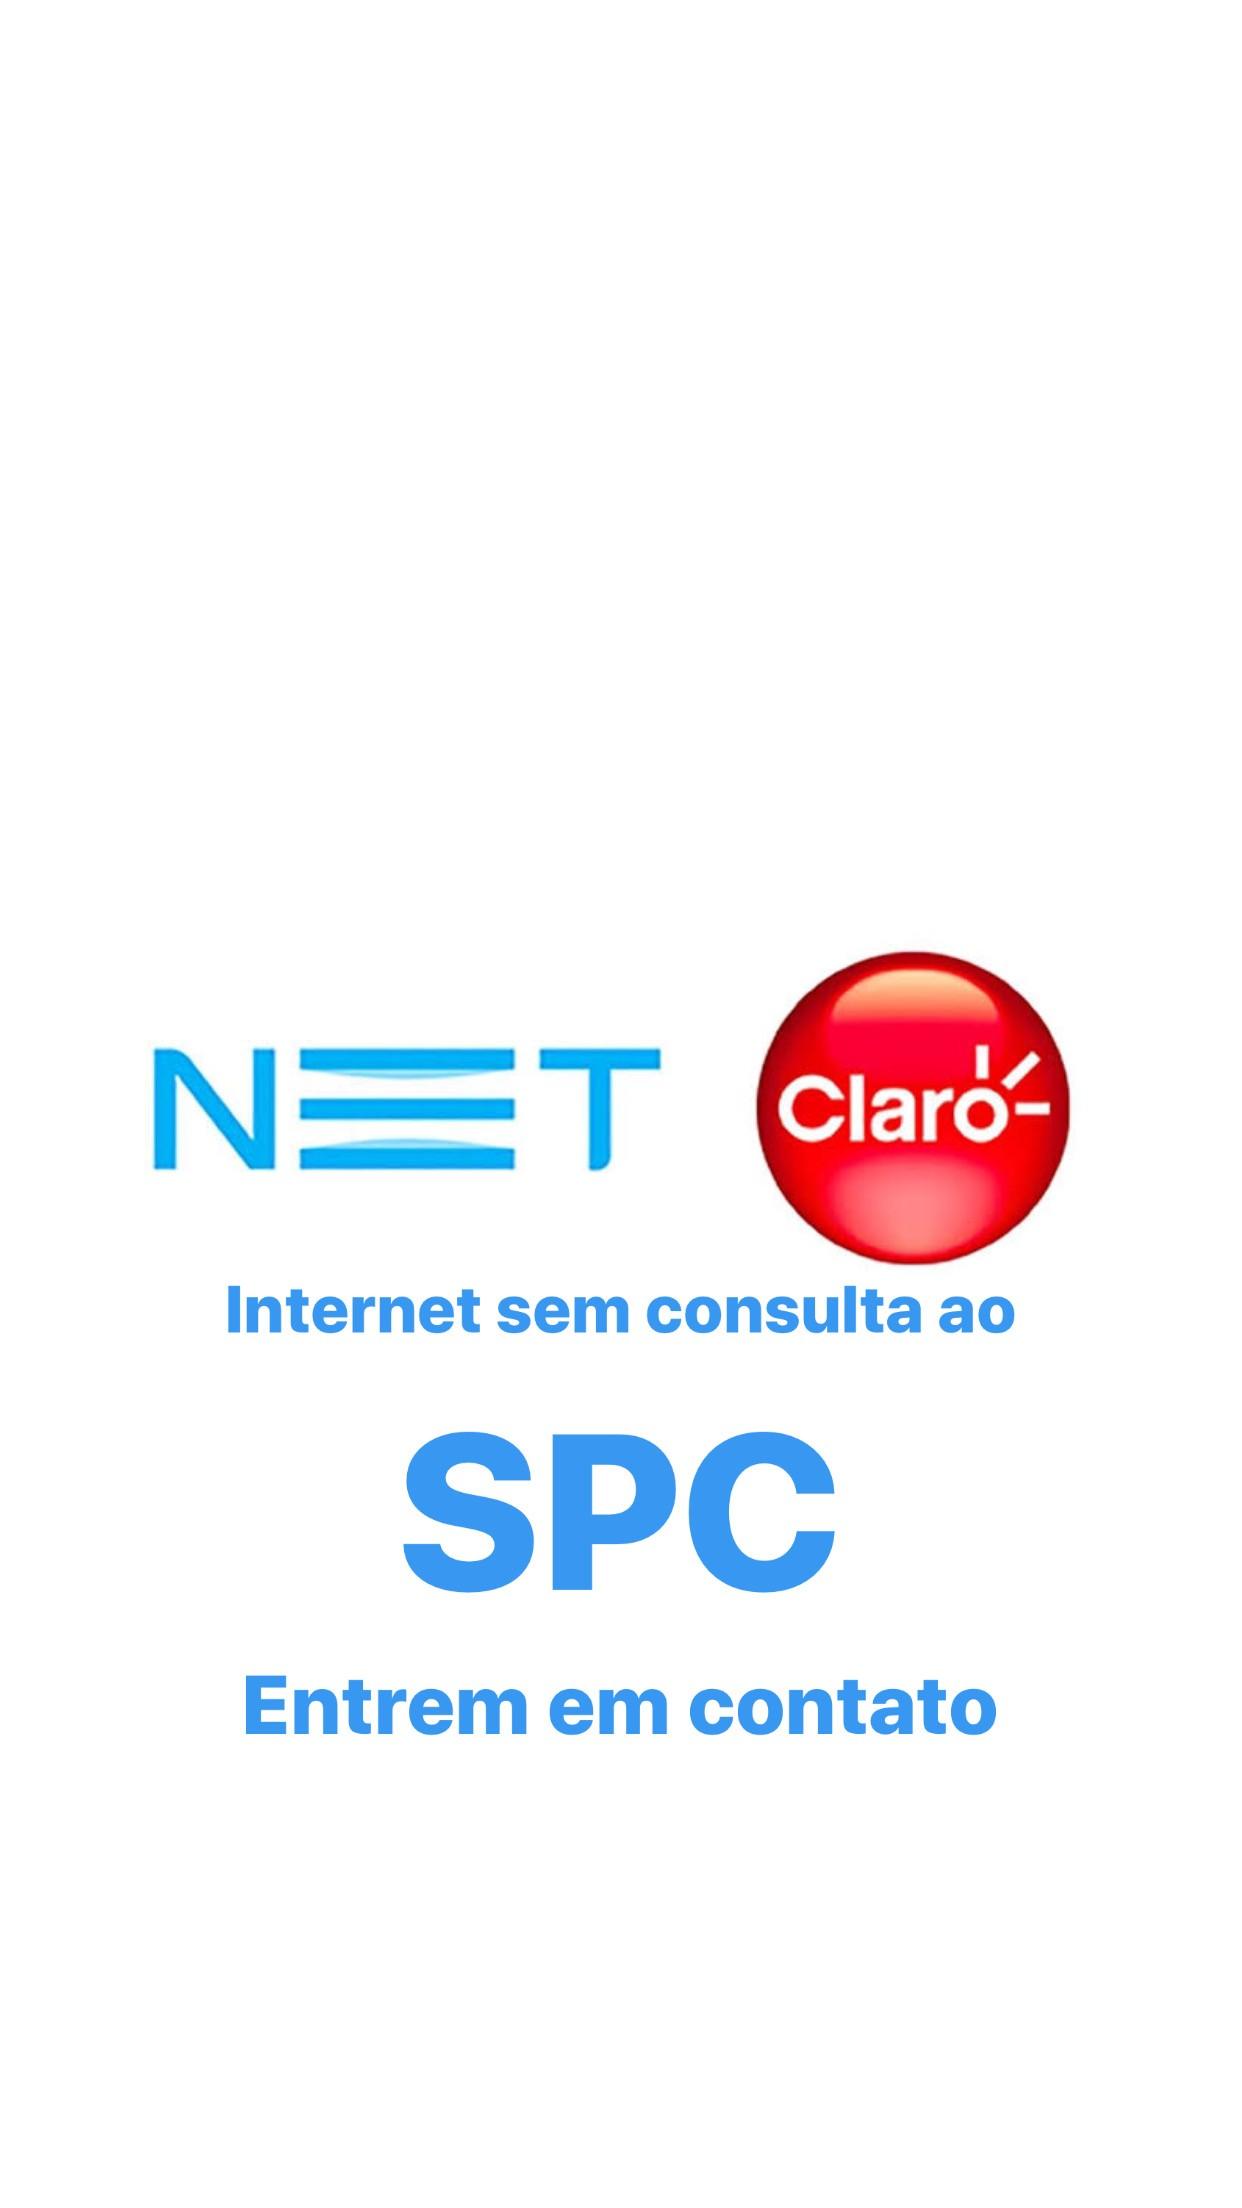 Internet sem consulta ao SPC